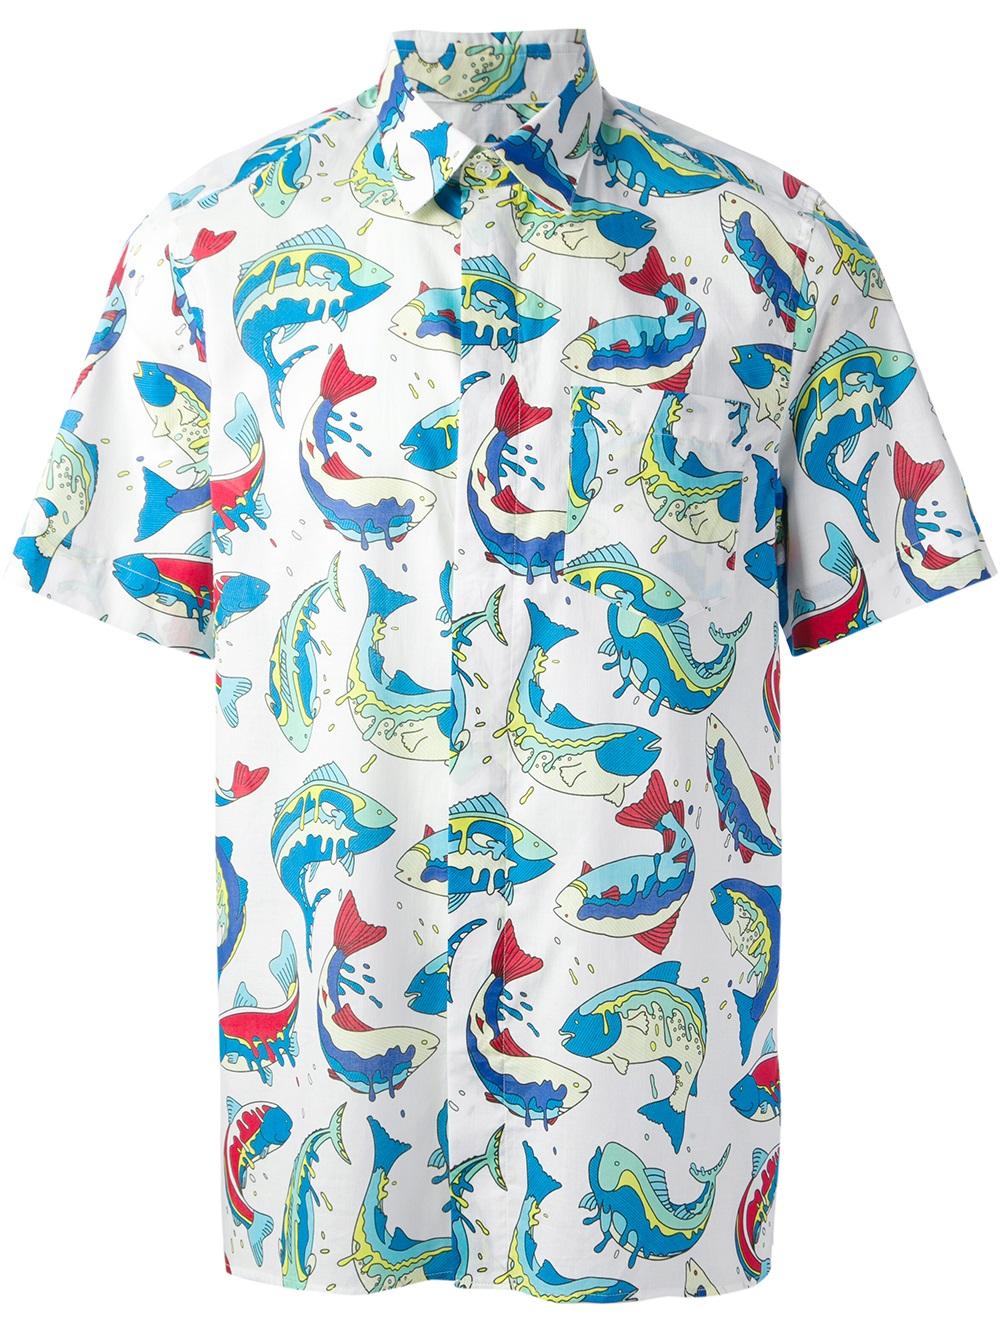 Lyst Kenzo Short Sleeve Shirt In Blue For Men